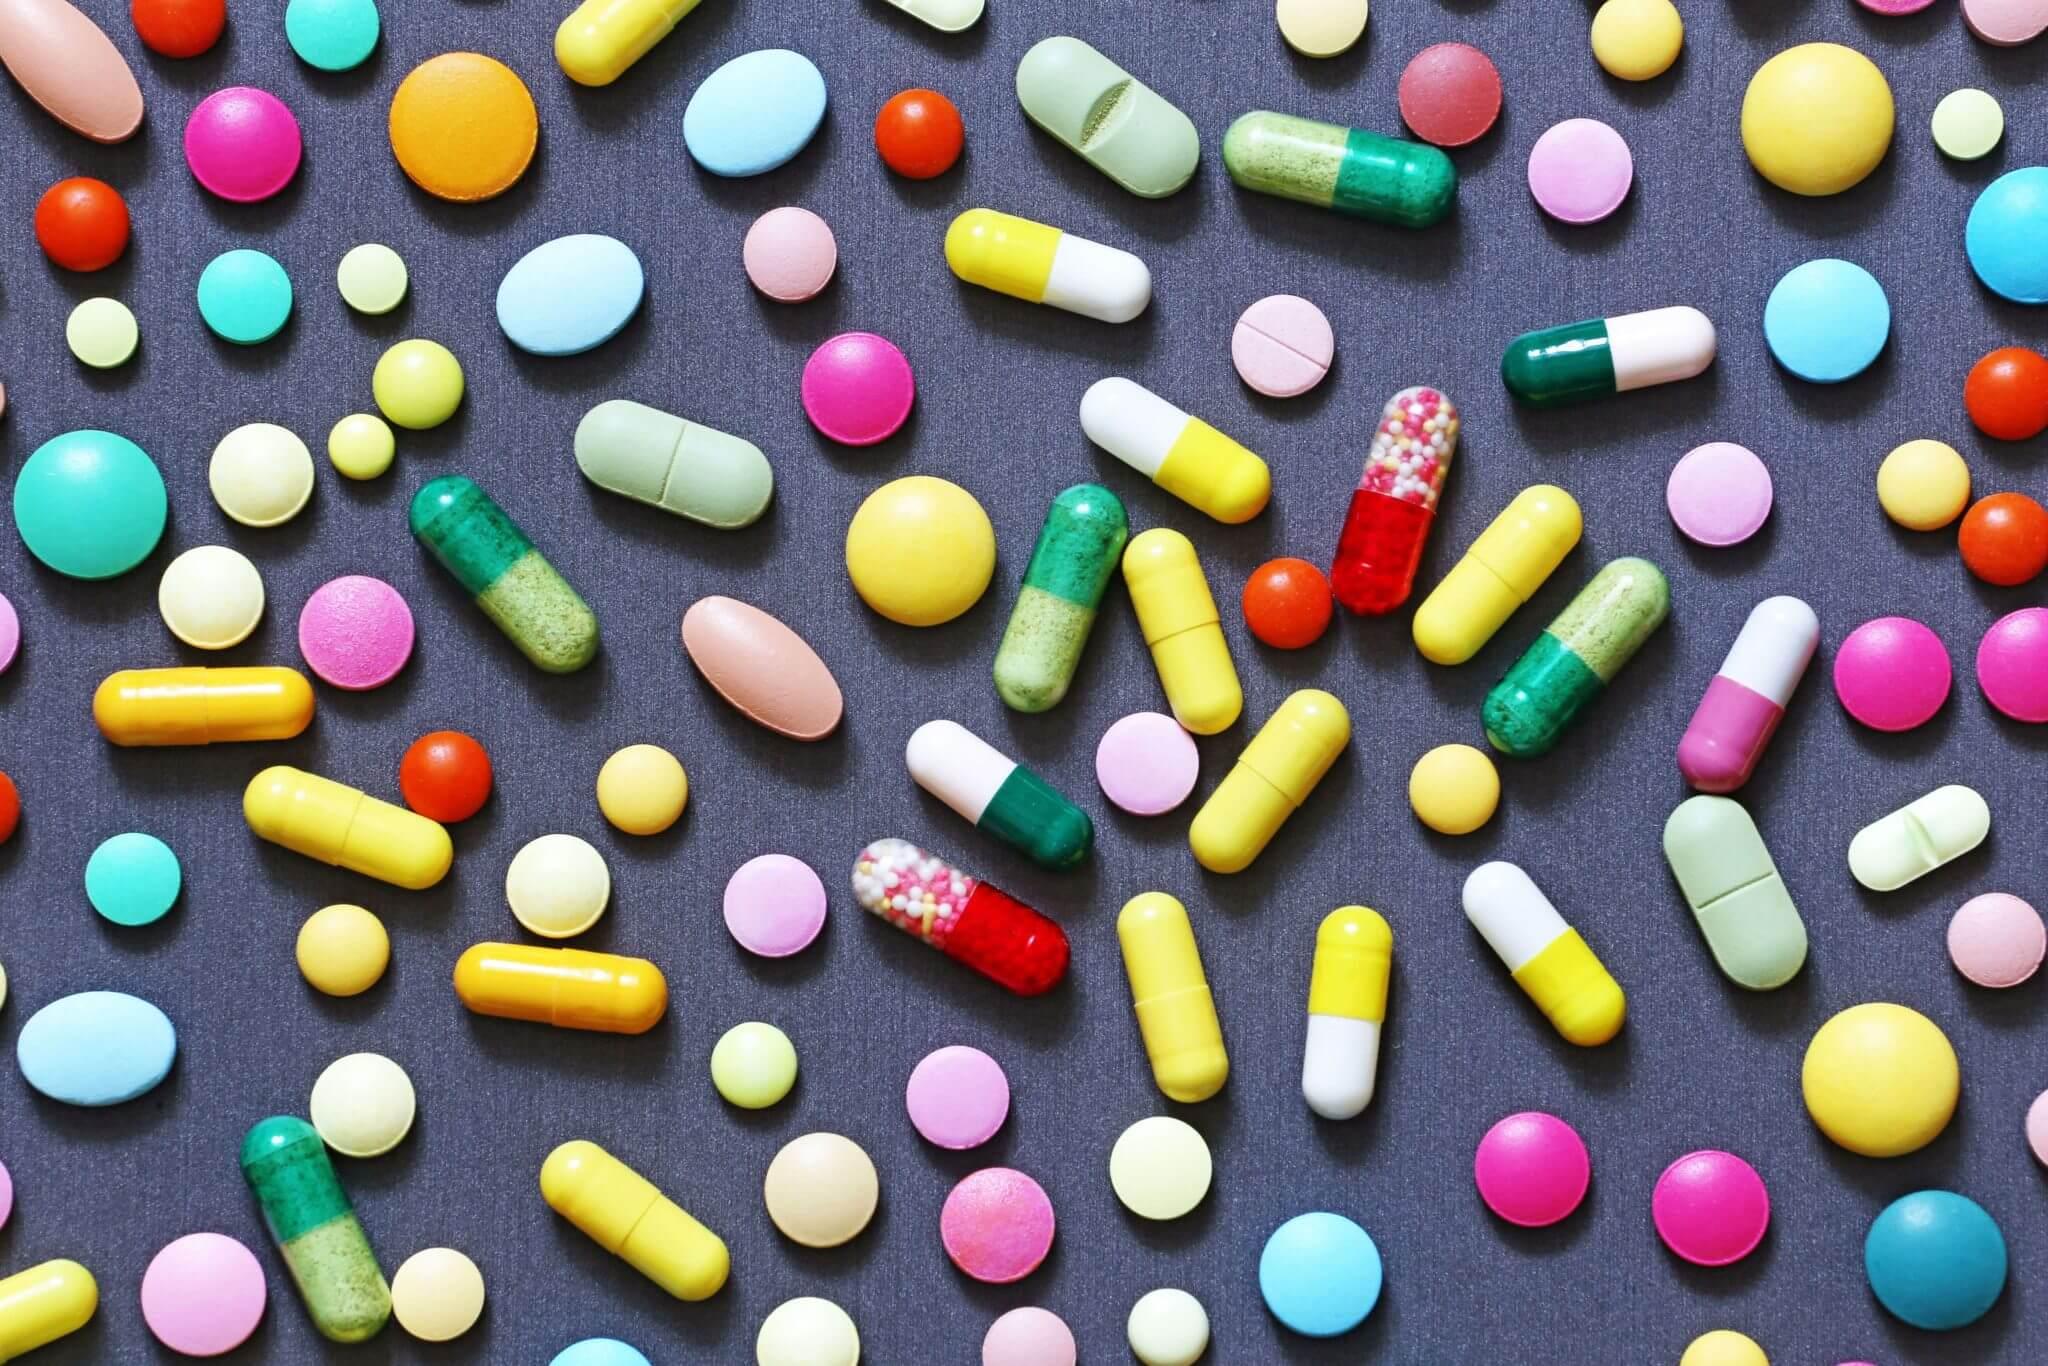 Caramelos de Xanax: 5 cosas que te suceden cuando tomas benzodiazepinas